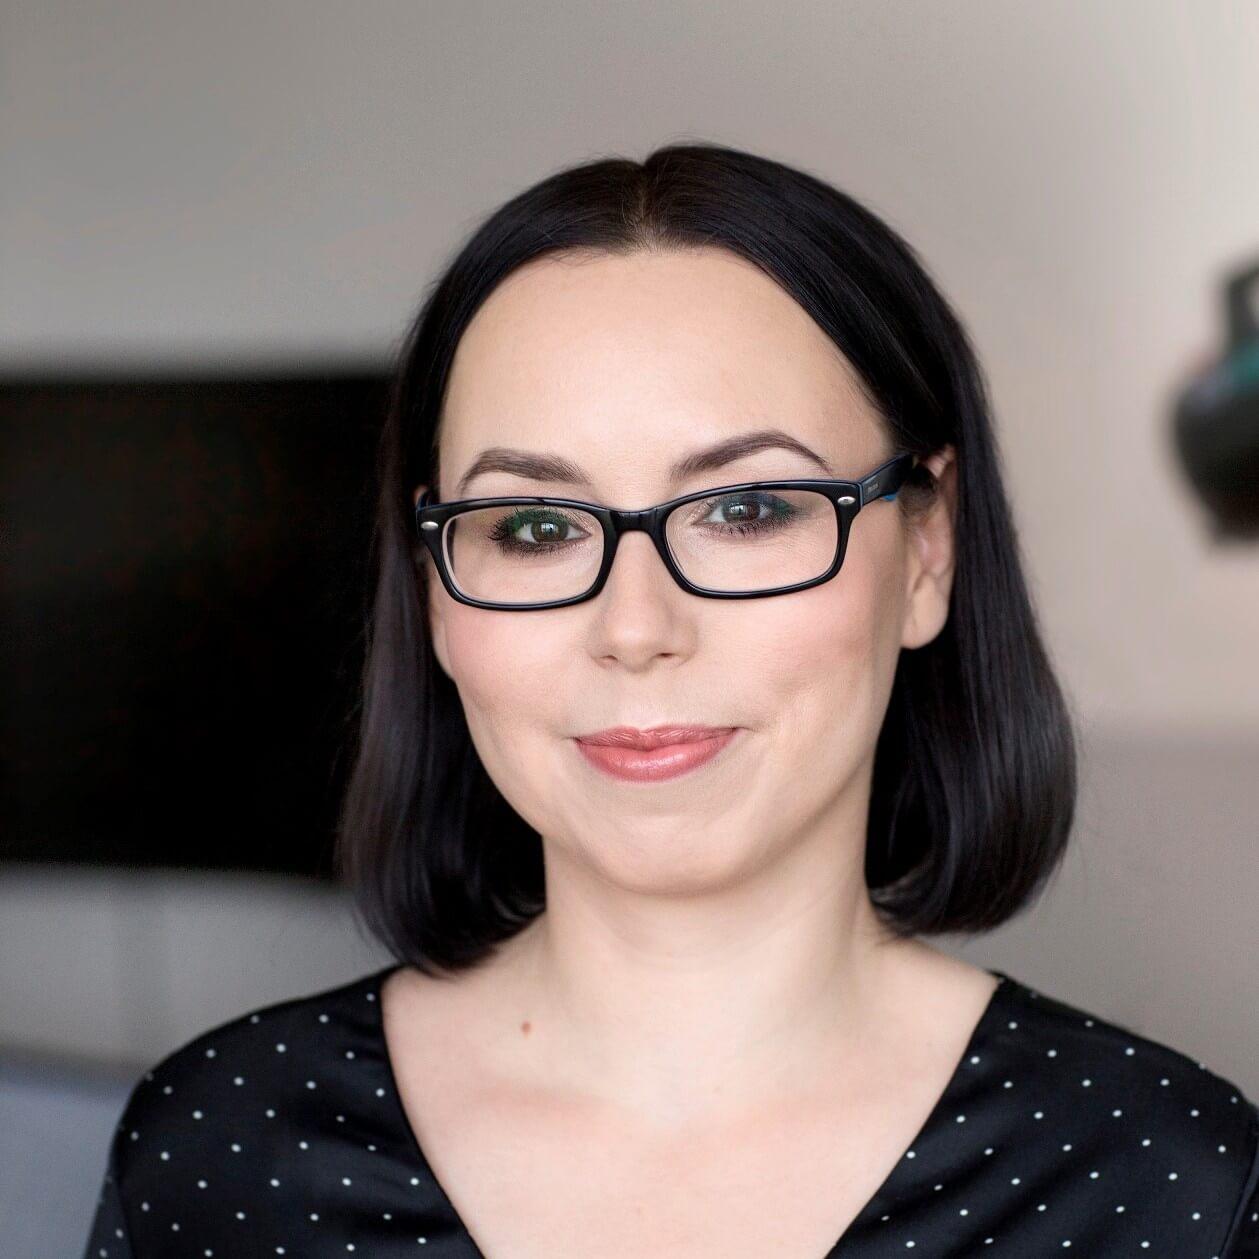 Magdalena Malinowska Empathic Way Online Porozumienie bez Przemocy NVC Warszawa